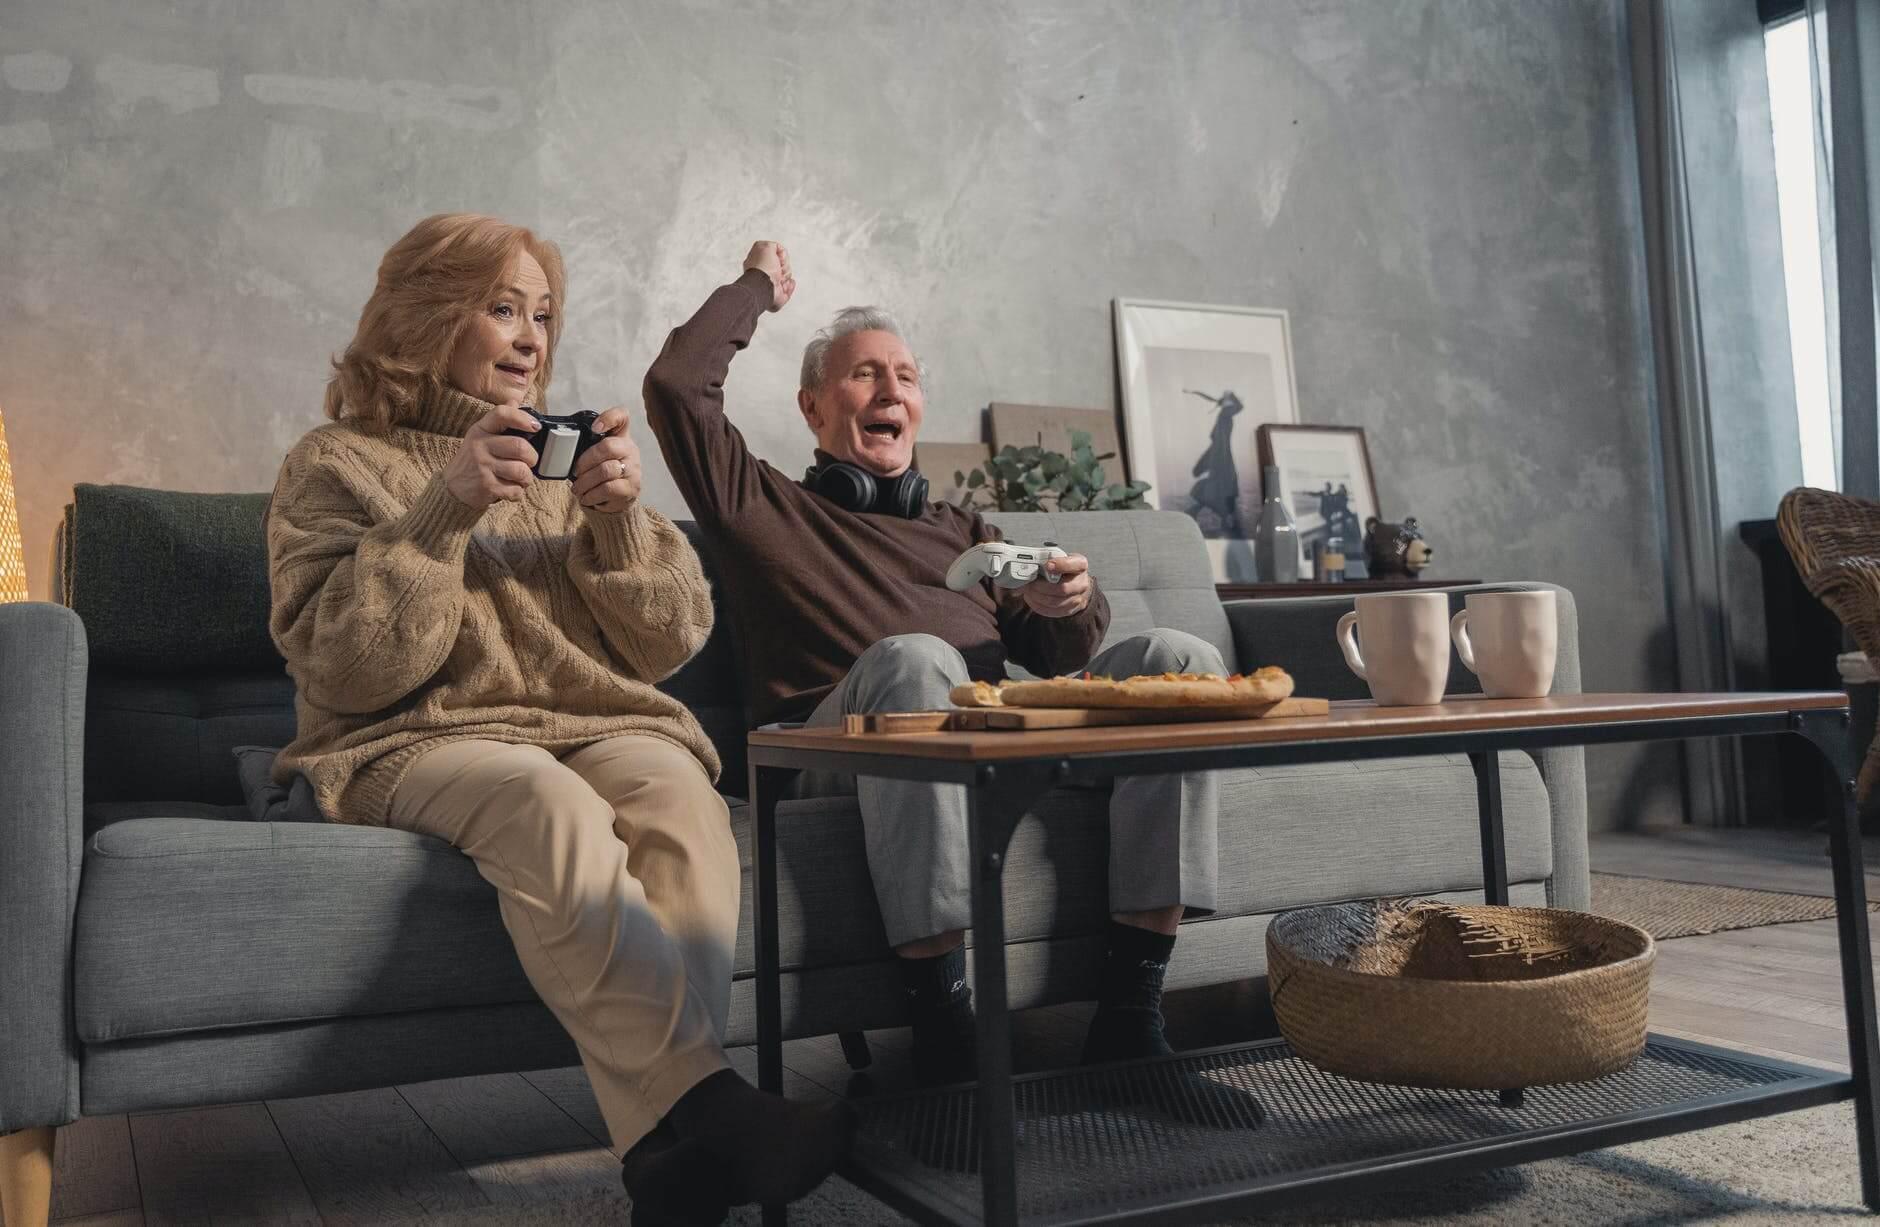 """Domovi umirovljenika uveli video igrice: """"Ne možemo mladima prepustiti svu zabavu"""""""